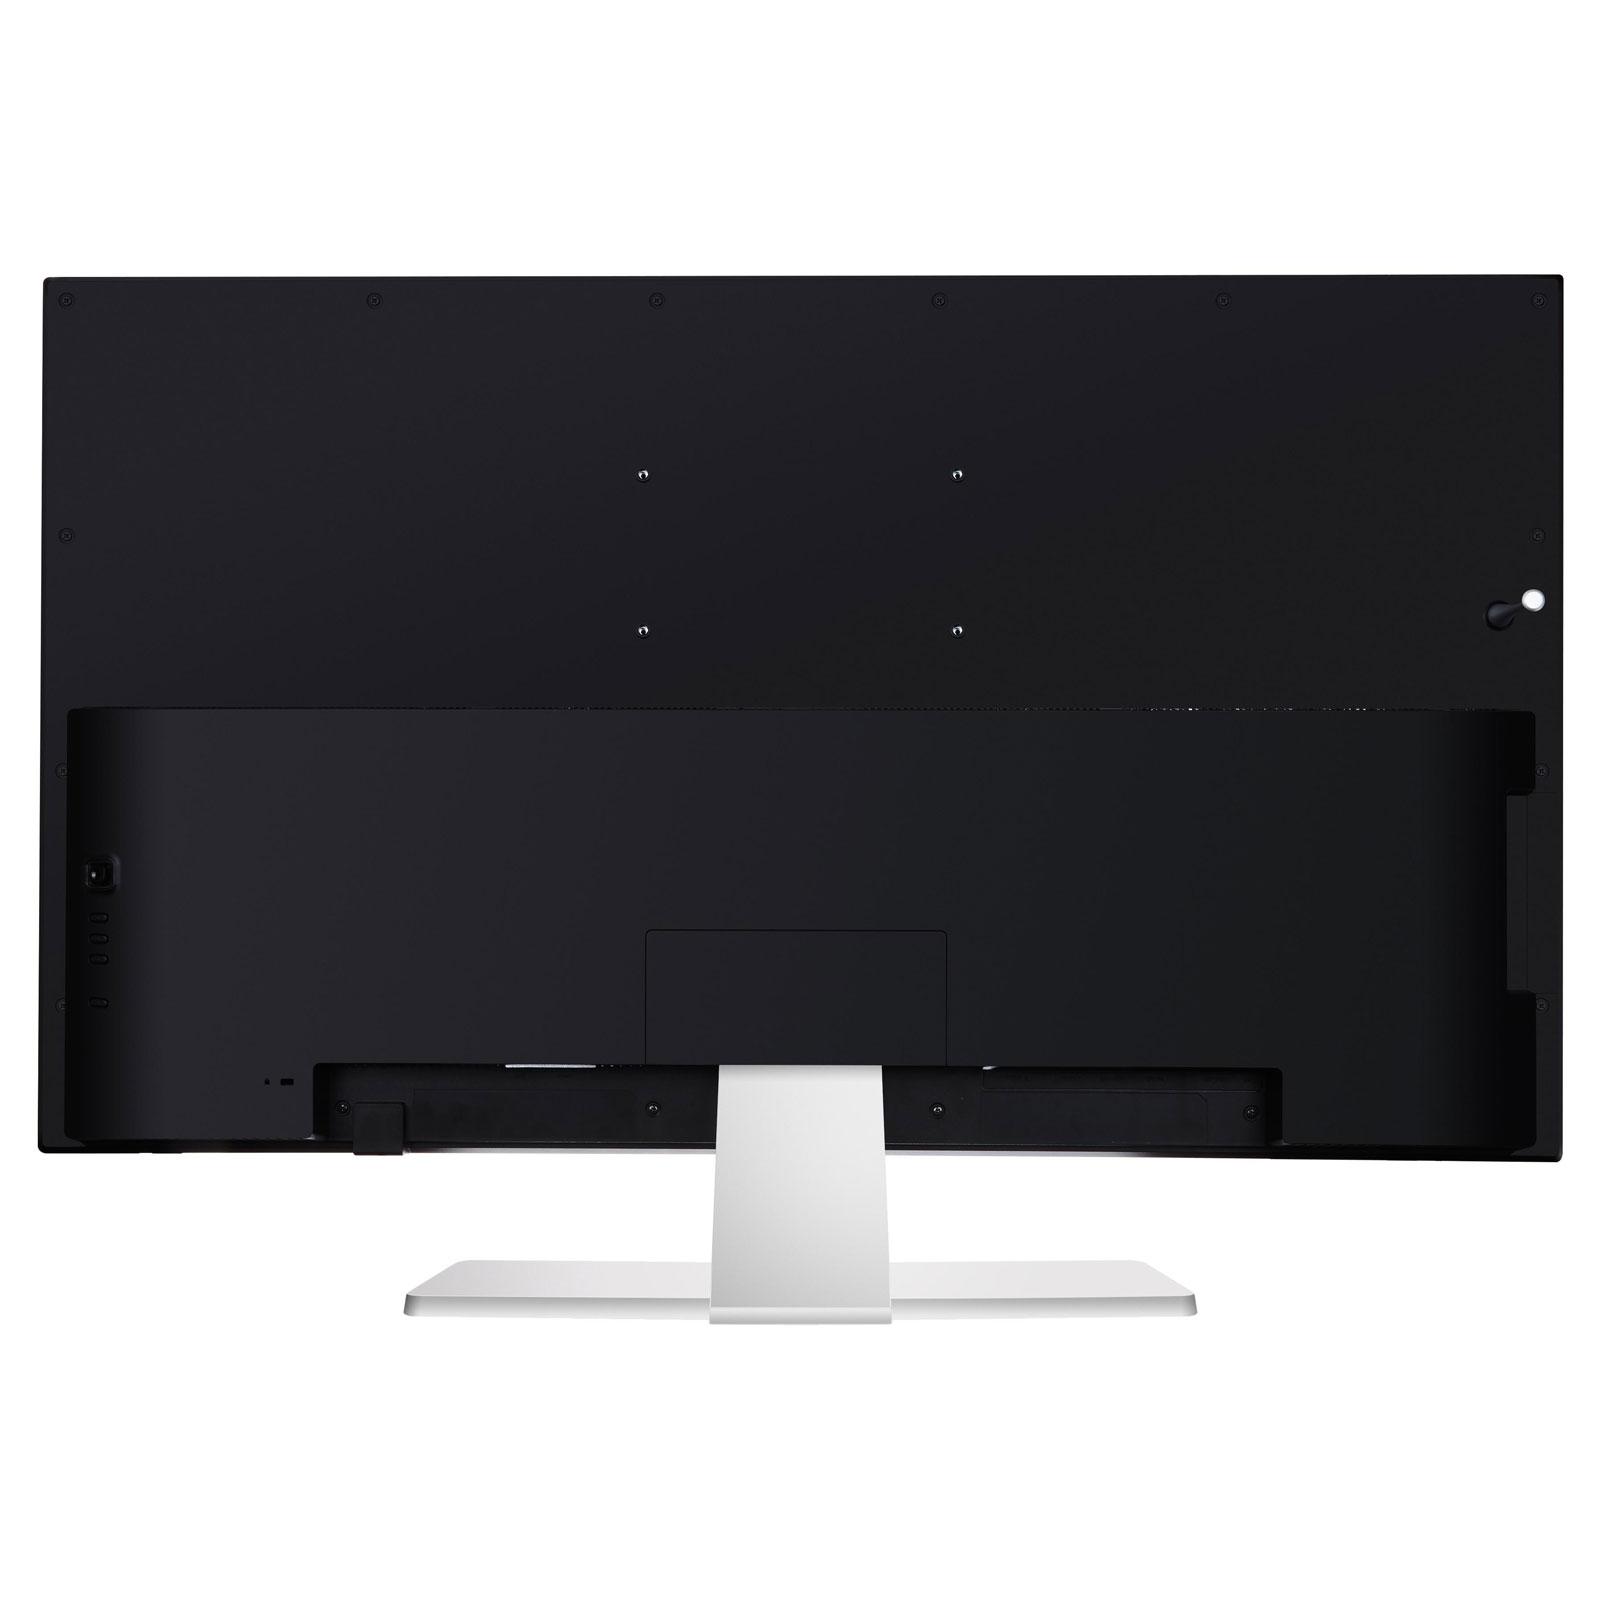 Viewsonic 43 led vx4380 4k ecran pc viewsonic sur for Quel ecran pc